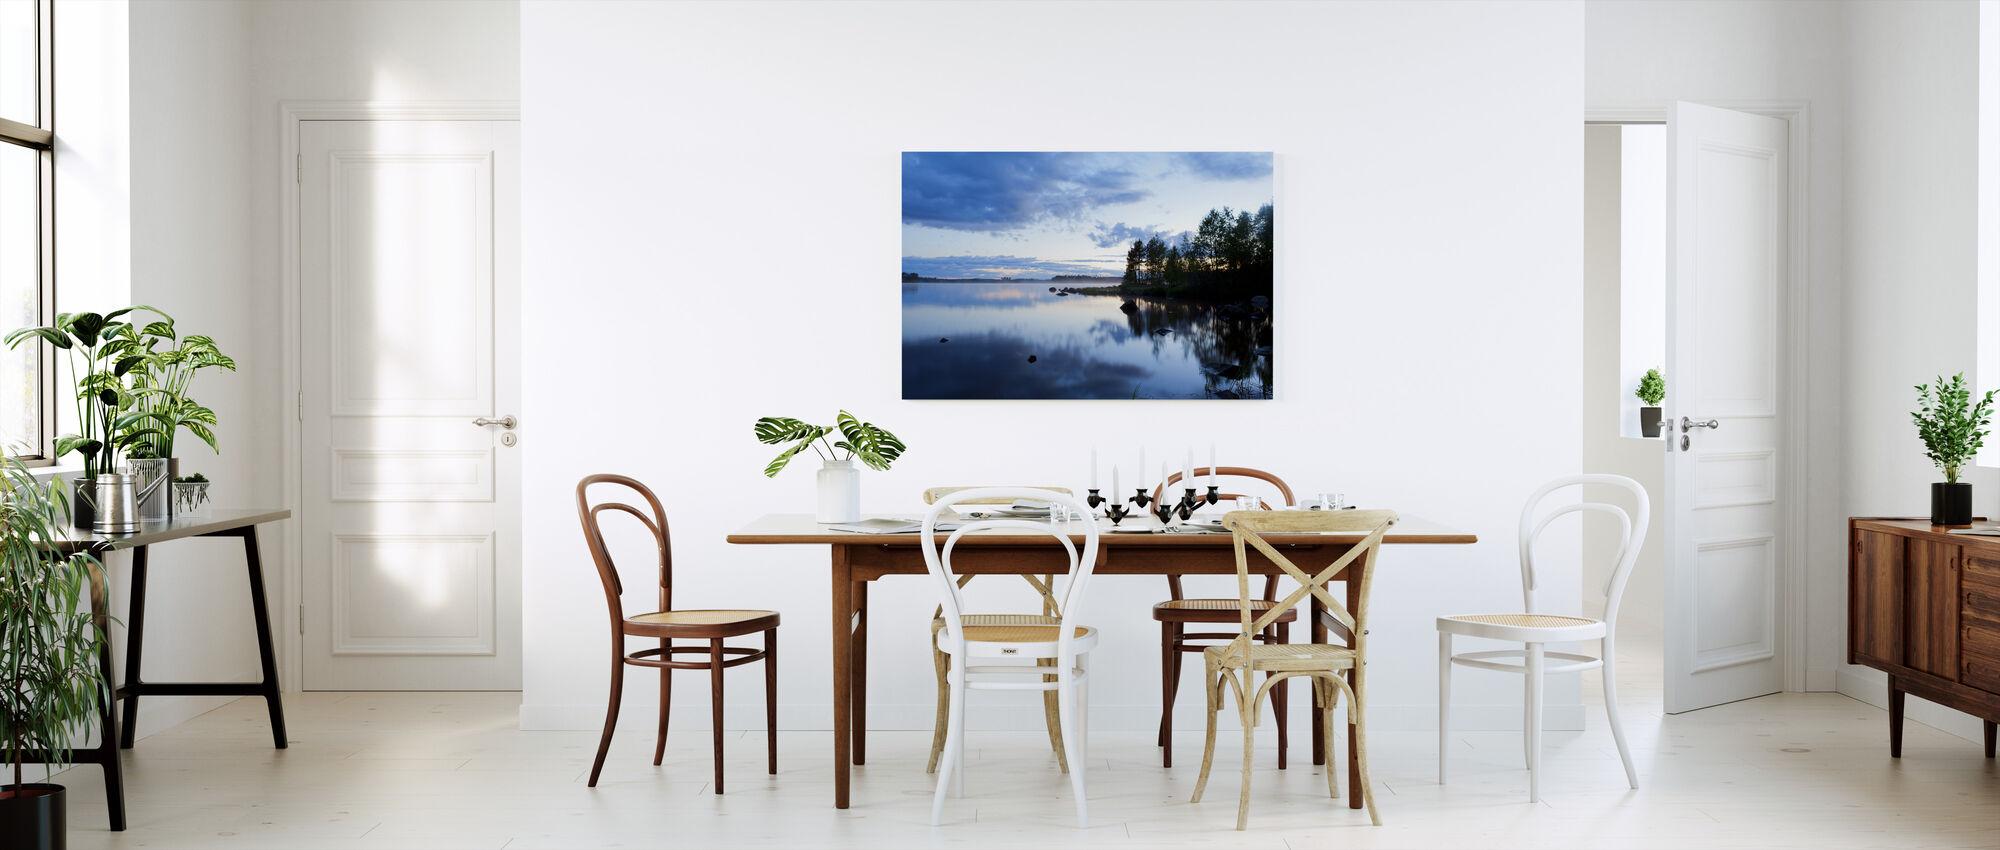 Venjan Taalainmaalla, Ruotsi, Eurooppa - Canvastaulu - Keittiö